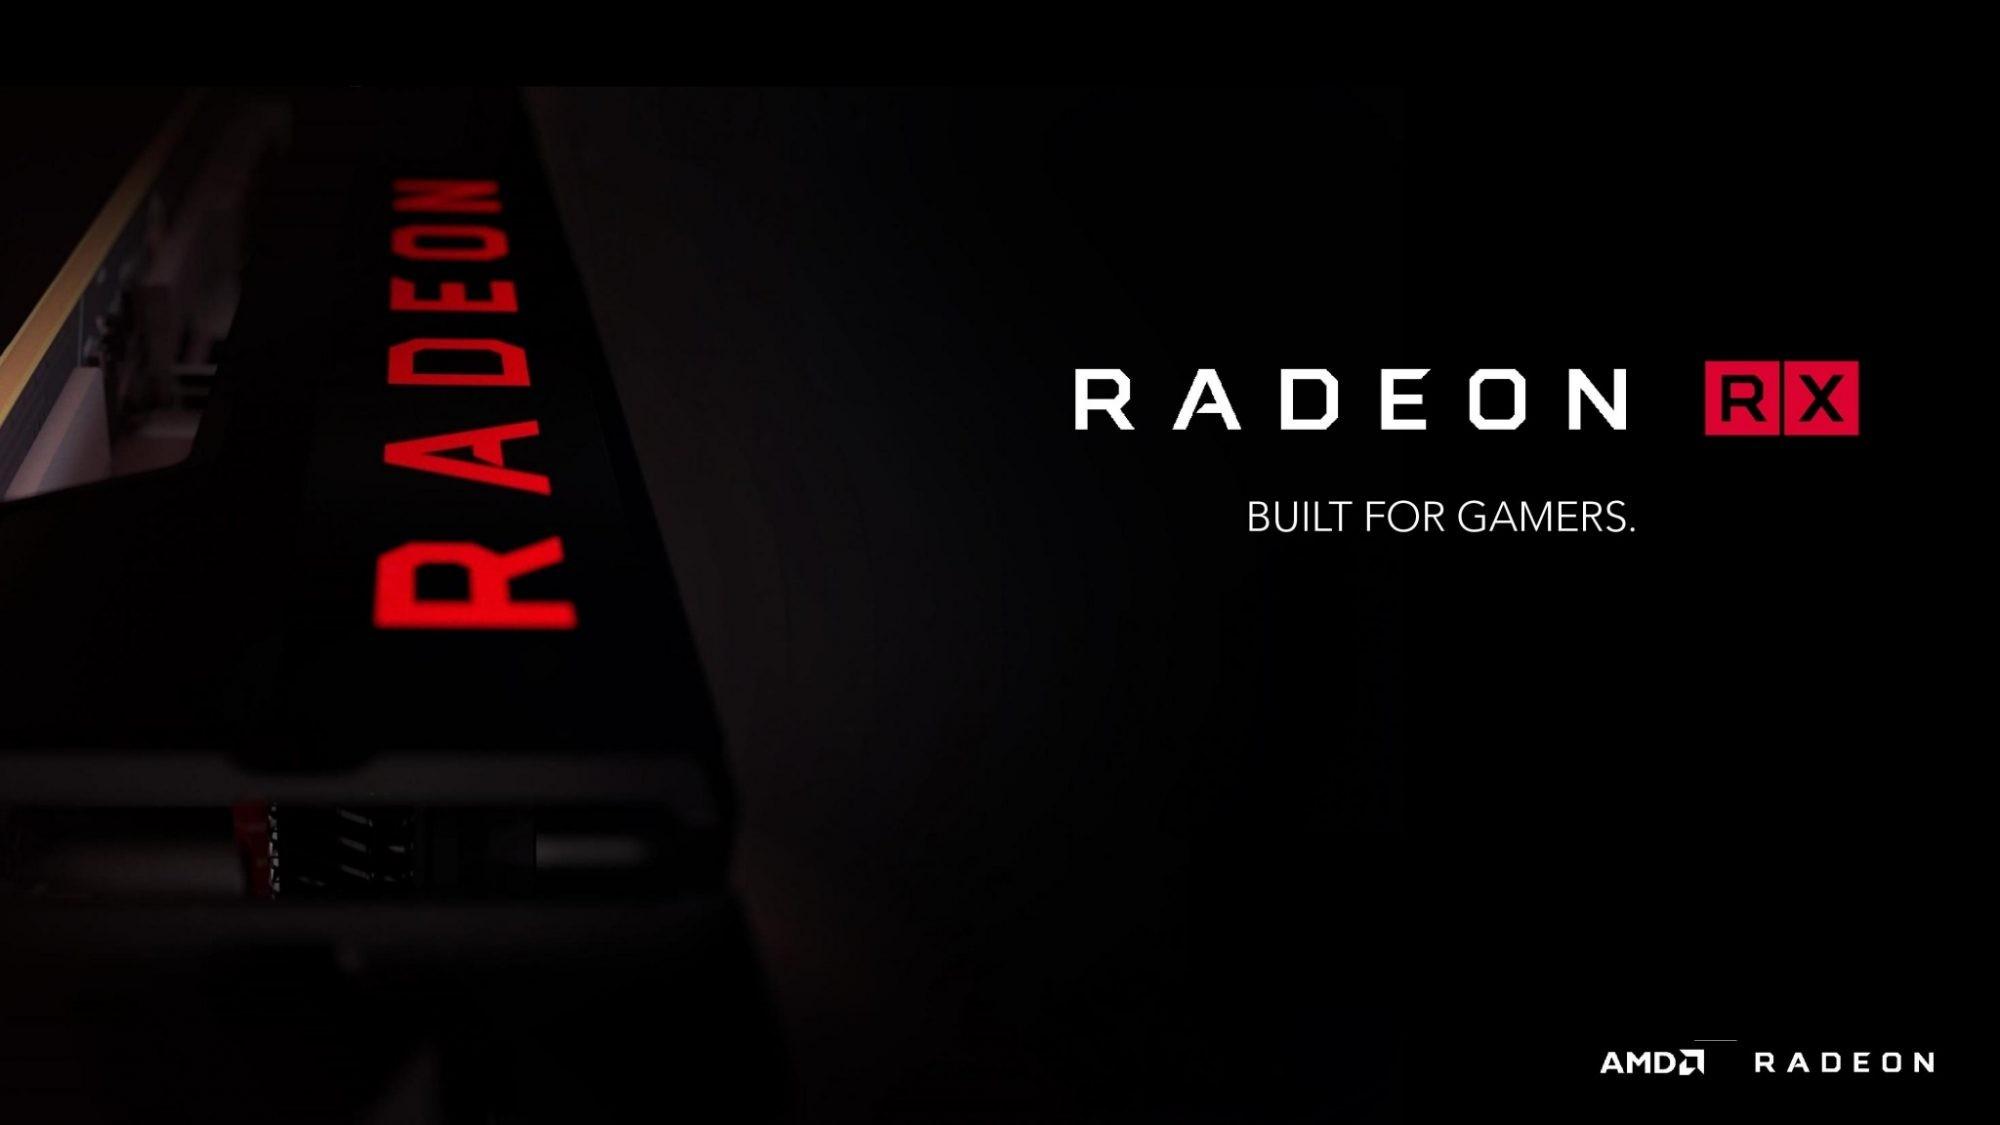 AMD-Radeon-RX.jpg